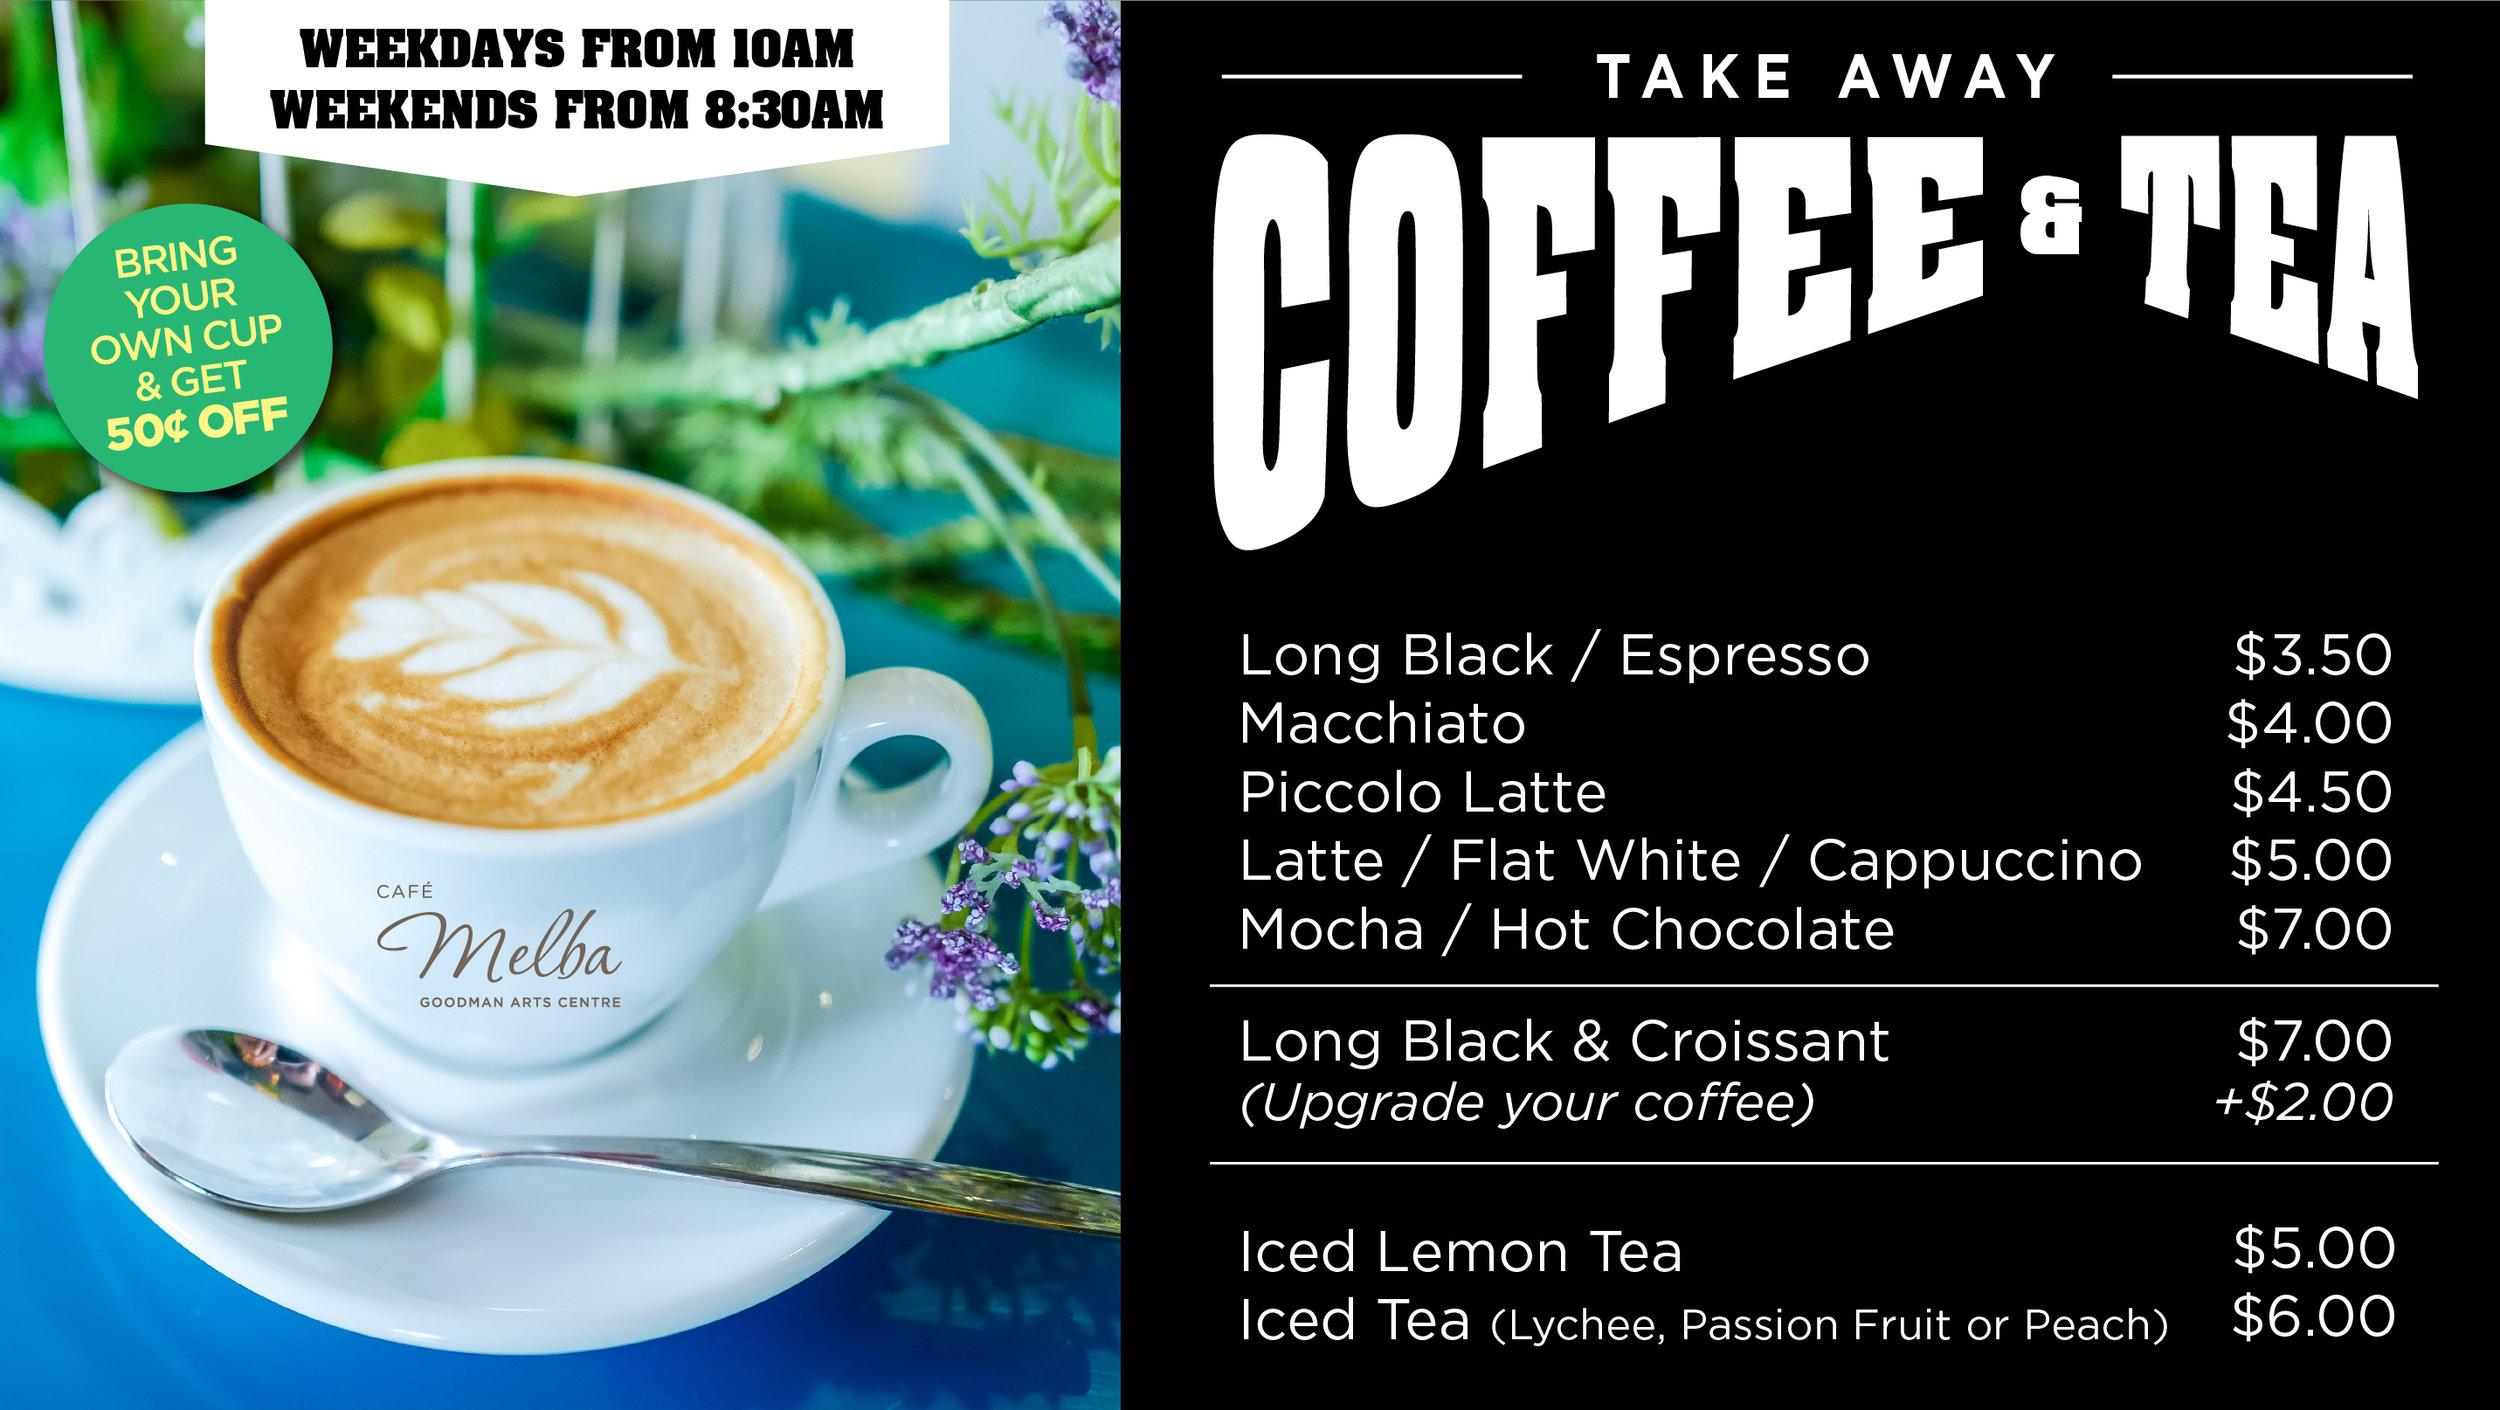 Takeaway Coffee and Tea